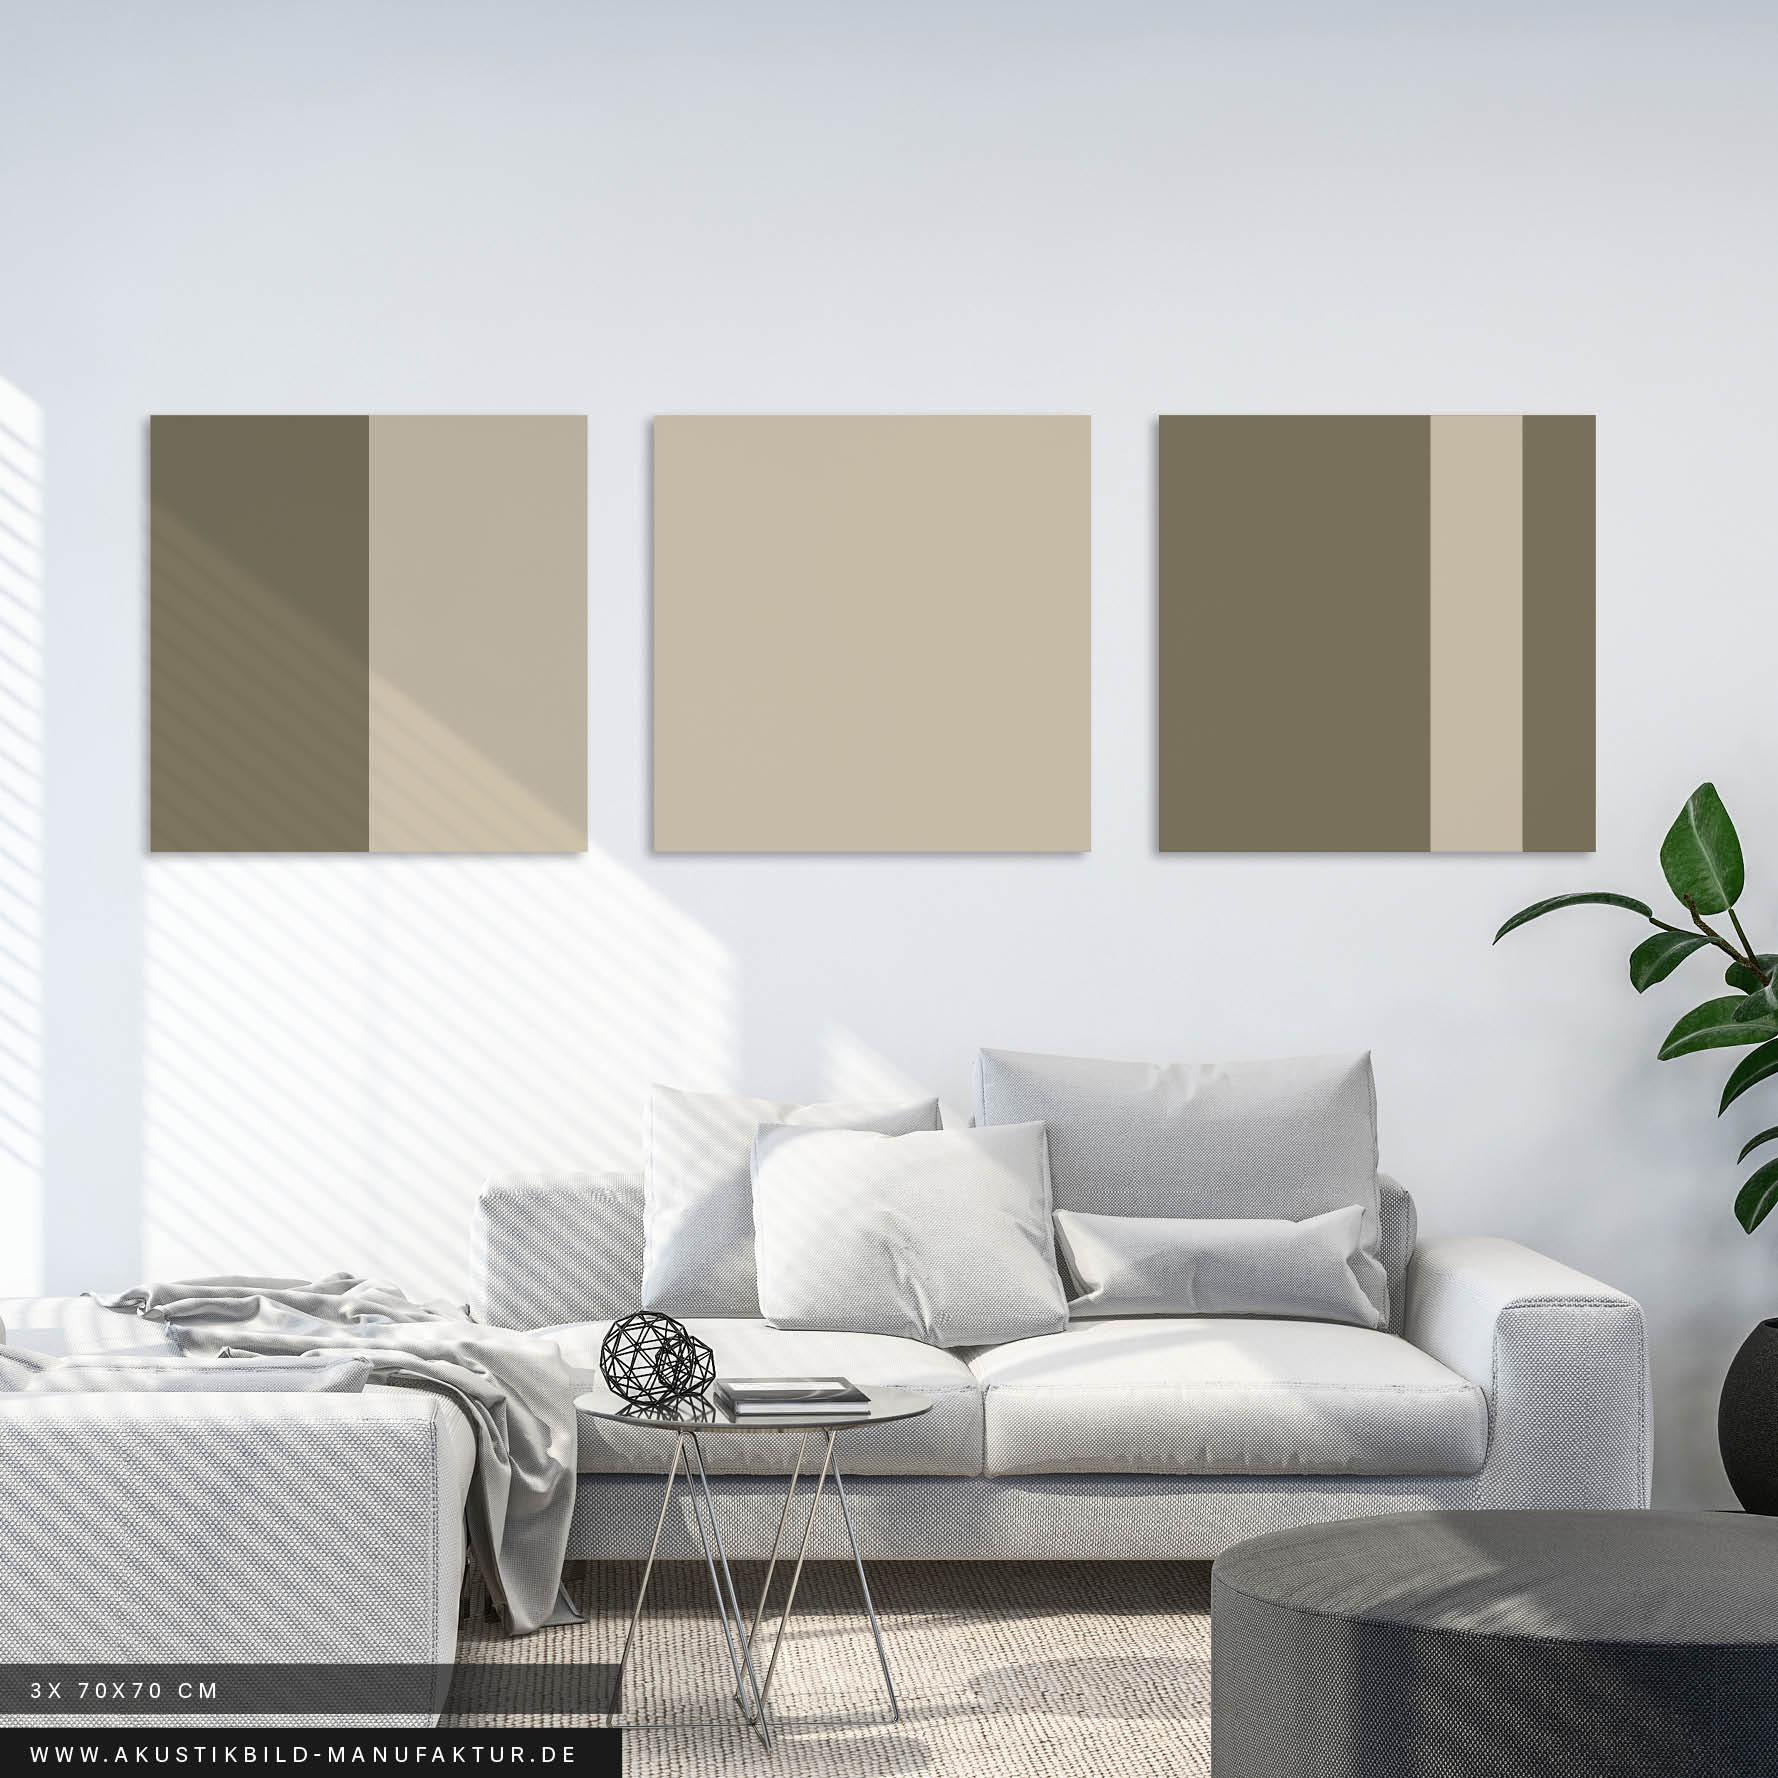 Wohnzimmer Bilder Abstrakt – Caseconrad.com